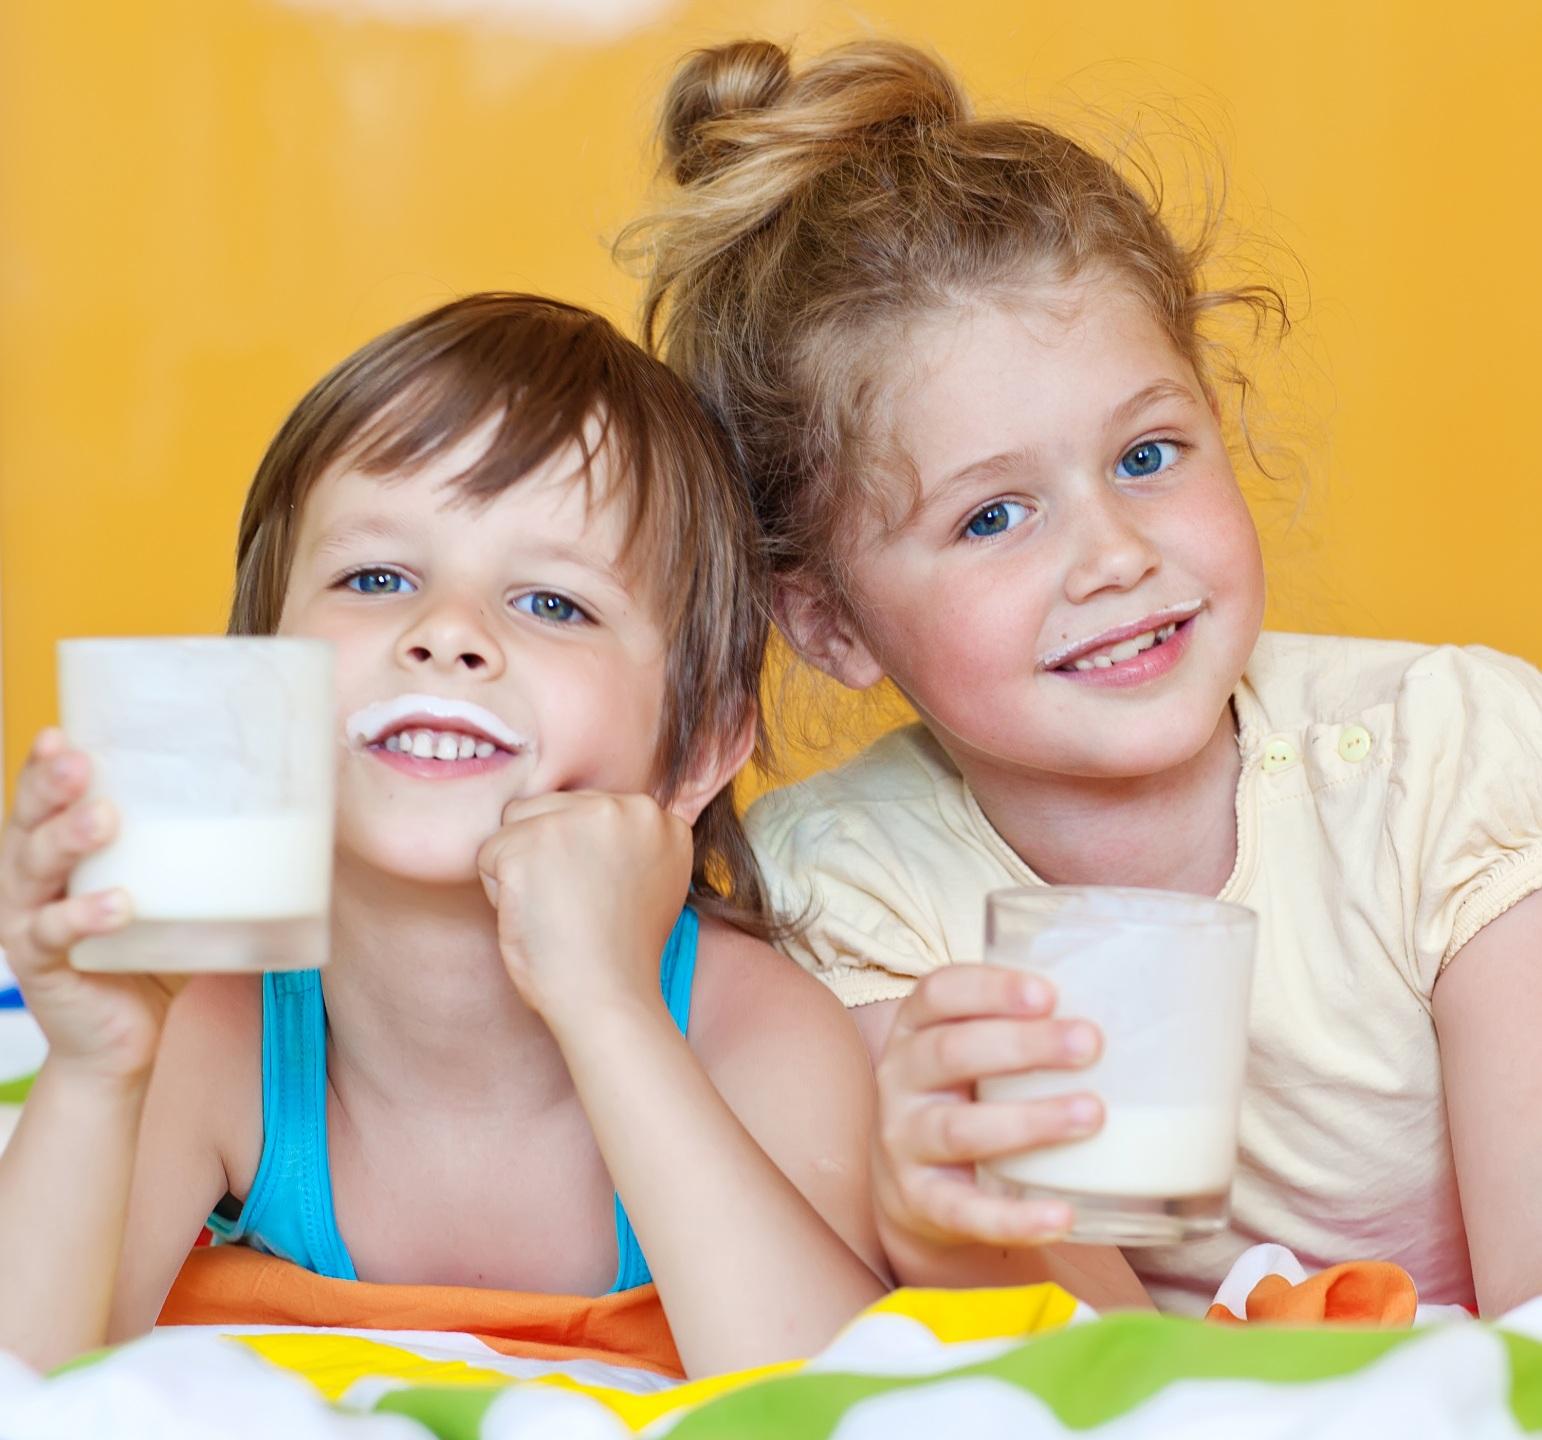 Фото Молоко девочка мальчишки Дети 2 Стакан Взгляд 1542x1440 Девочки мальчик Мальчики мальчишка ребёнок две два Двое вдвоем стакана стакане смотрят смотрит